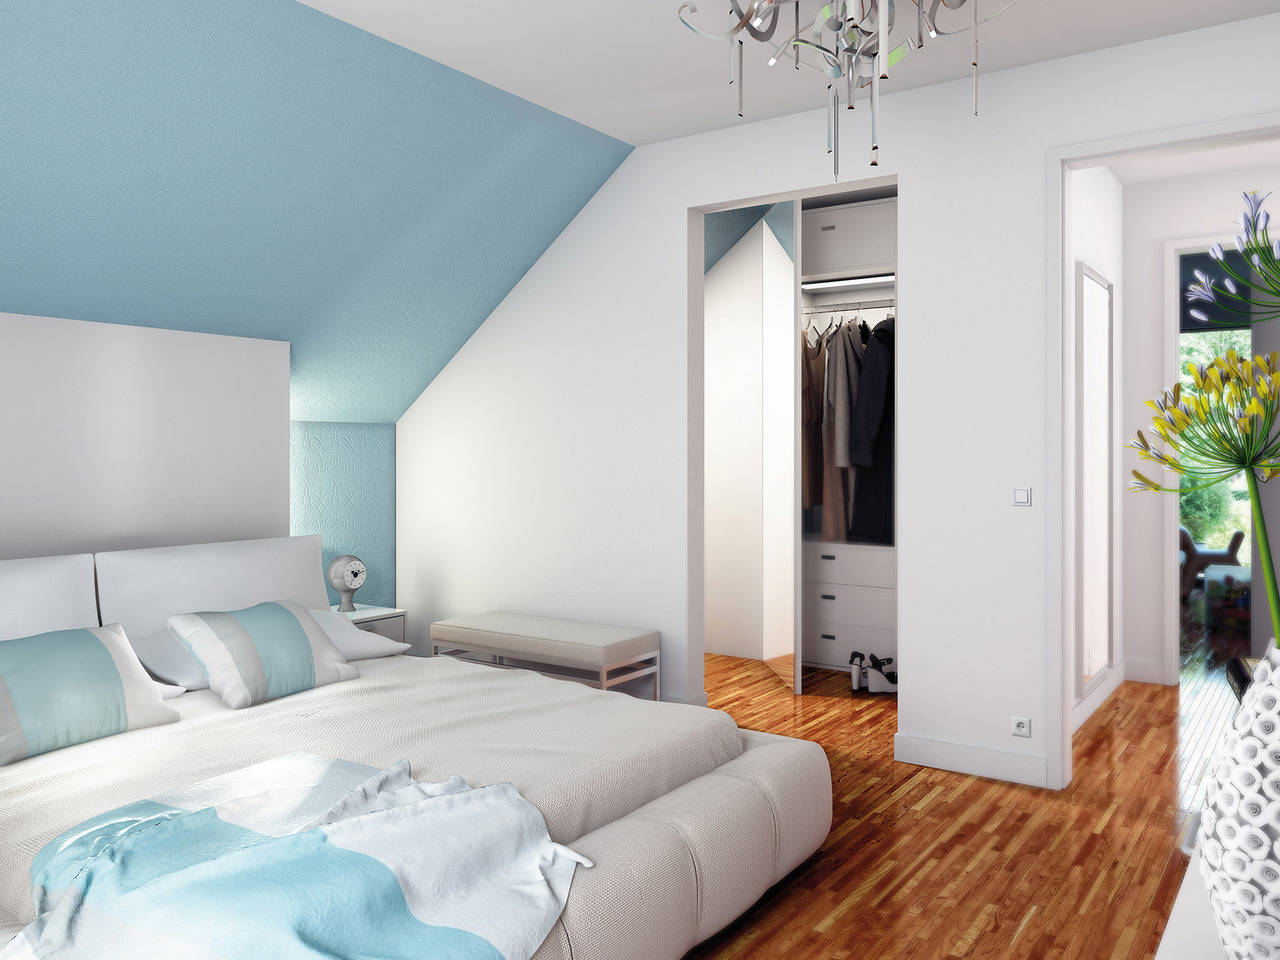 Haus SOLUTION 151 V6 Schlafzimmer von Living Haus